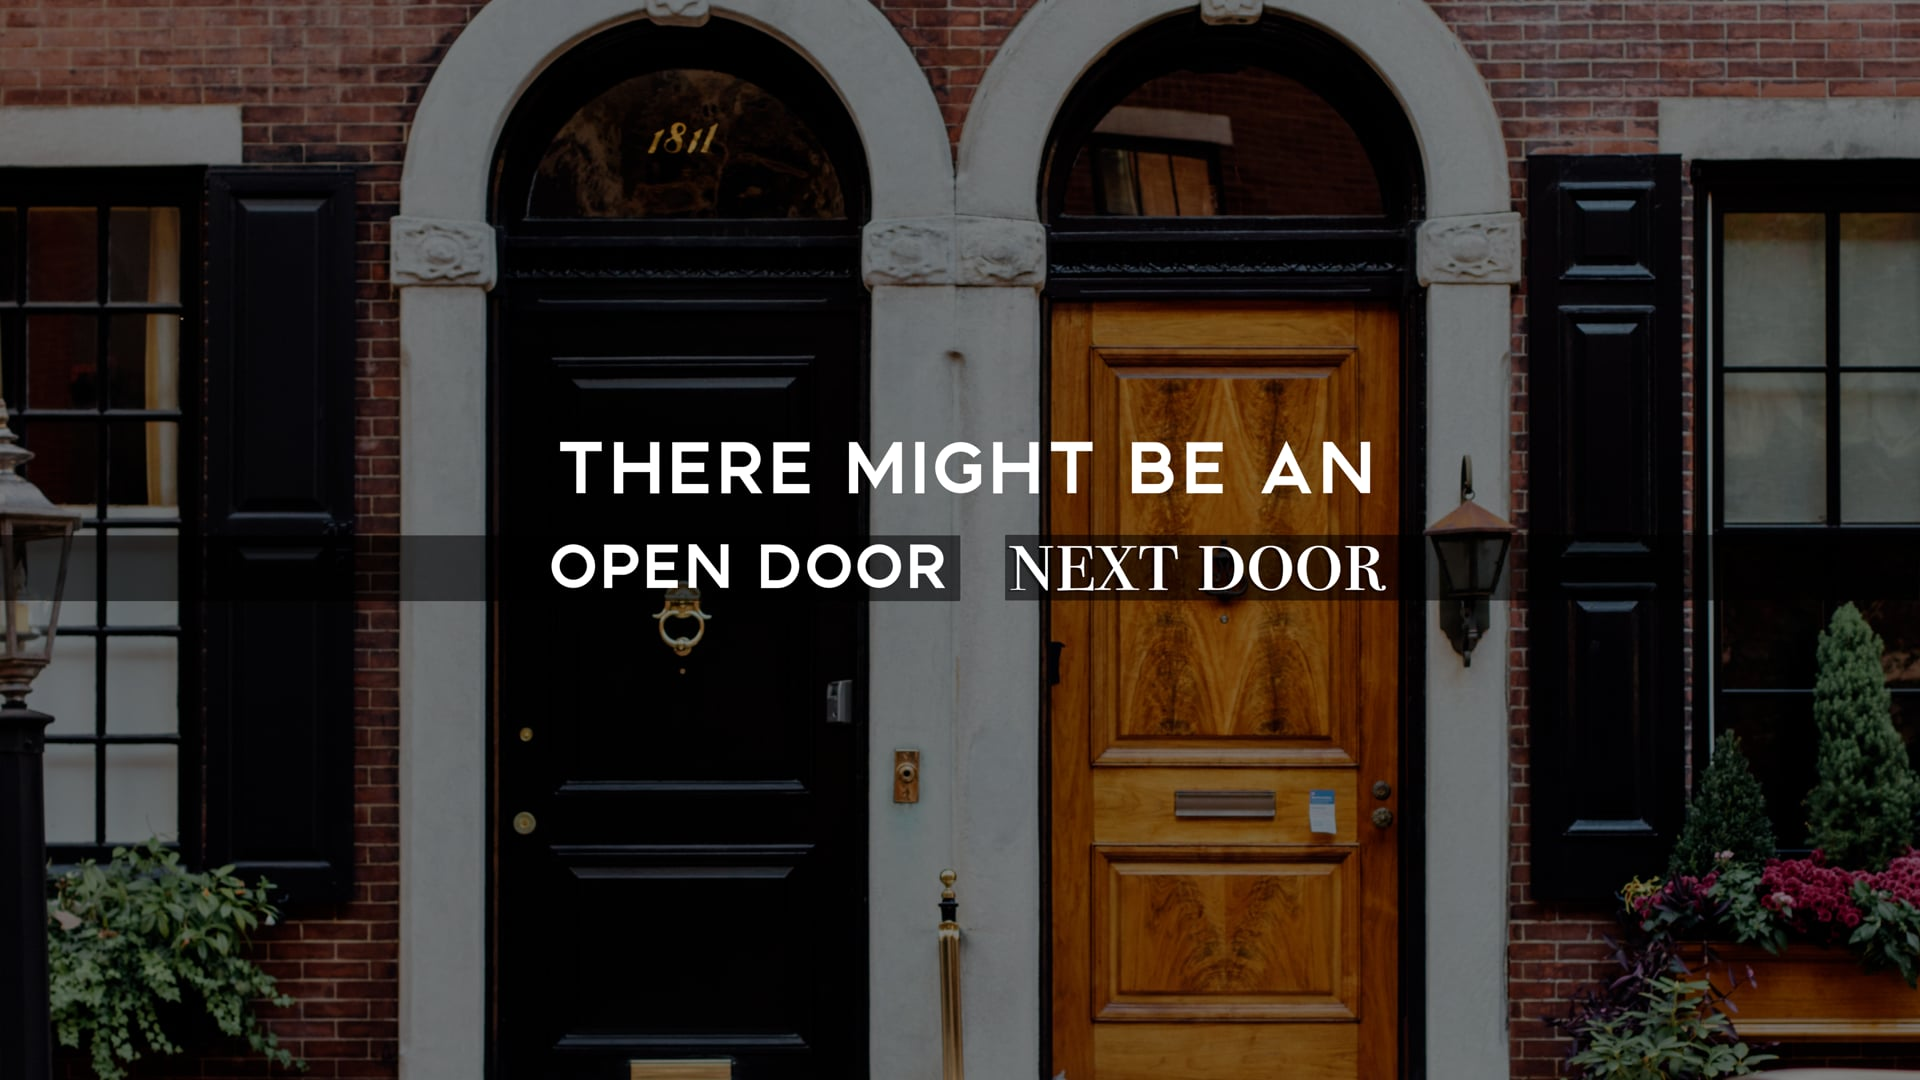 10.10.21 | There Might Be An Open Door Next Door